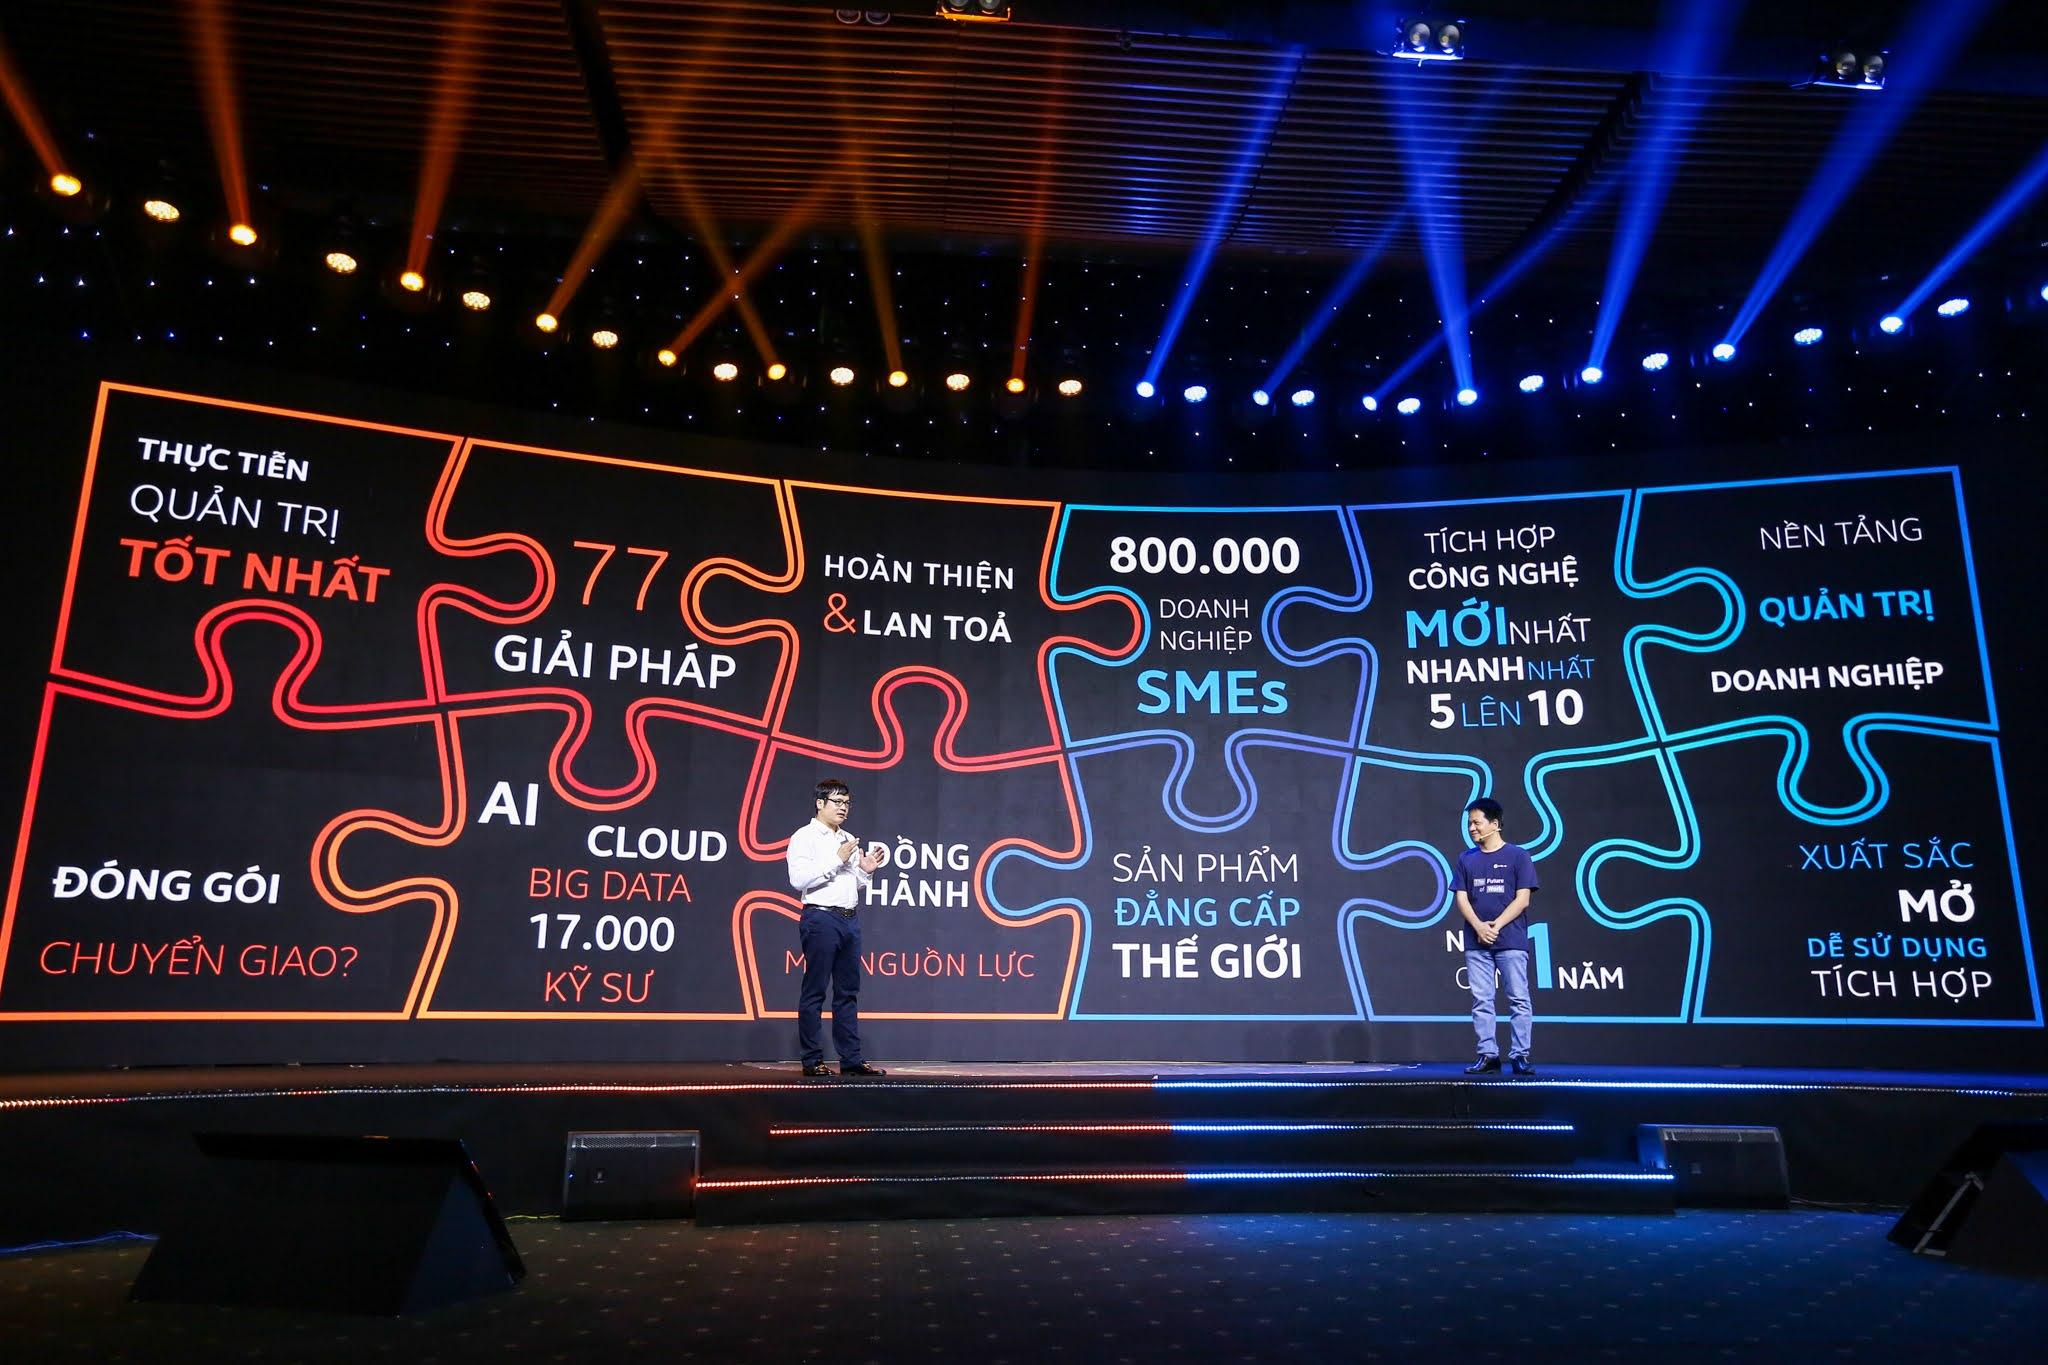 FPT thâu tóm startup phần mềm Base.vn, tham vọng cạnh tranh sòng phẳng trên thế giới - Ảnh 1.